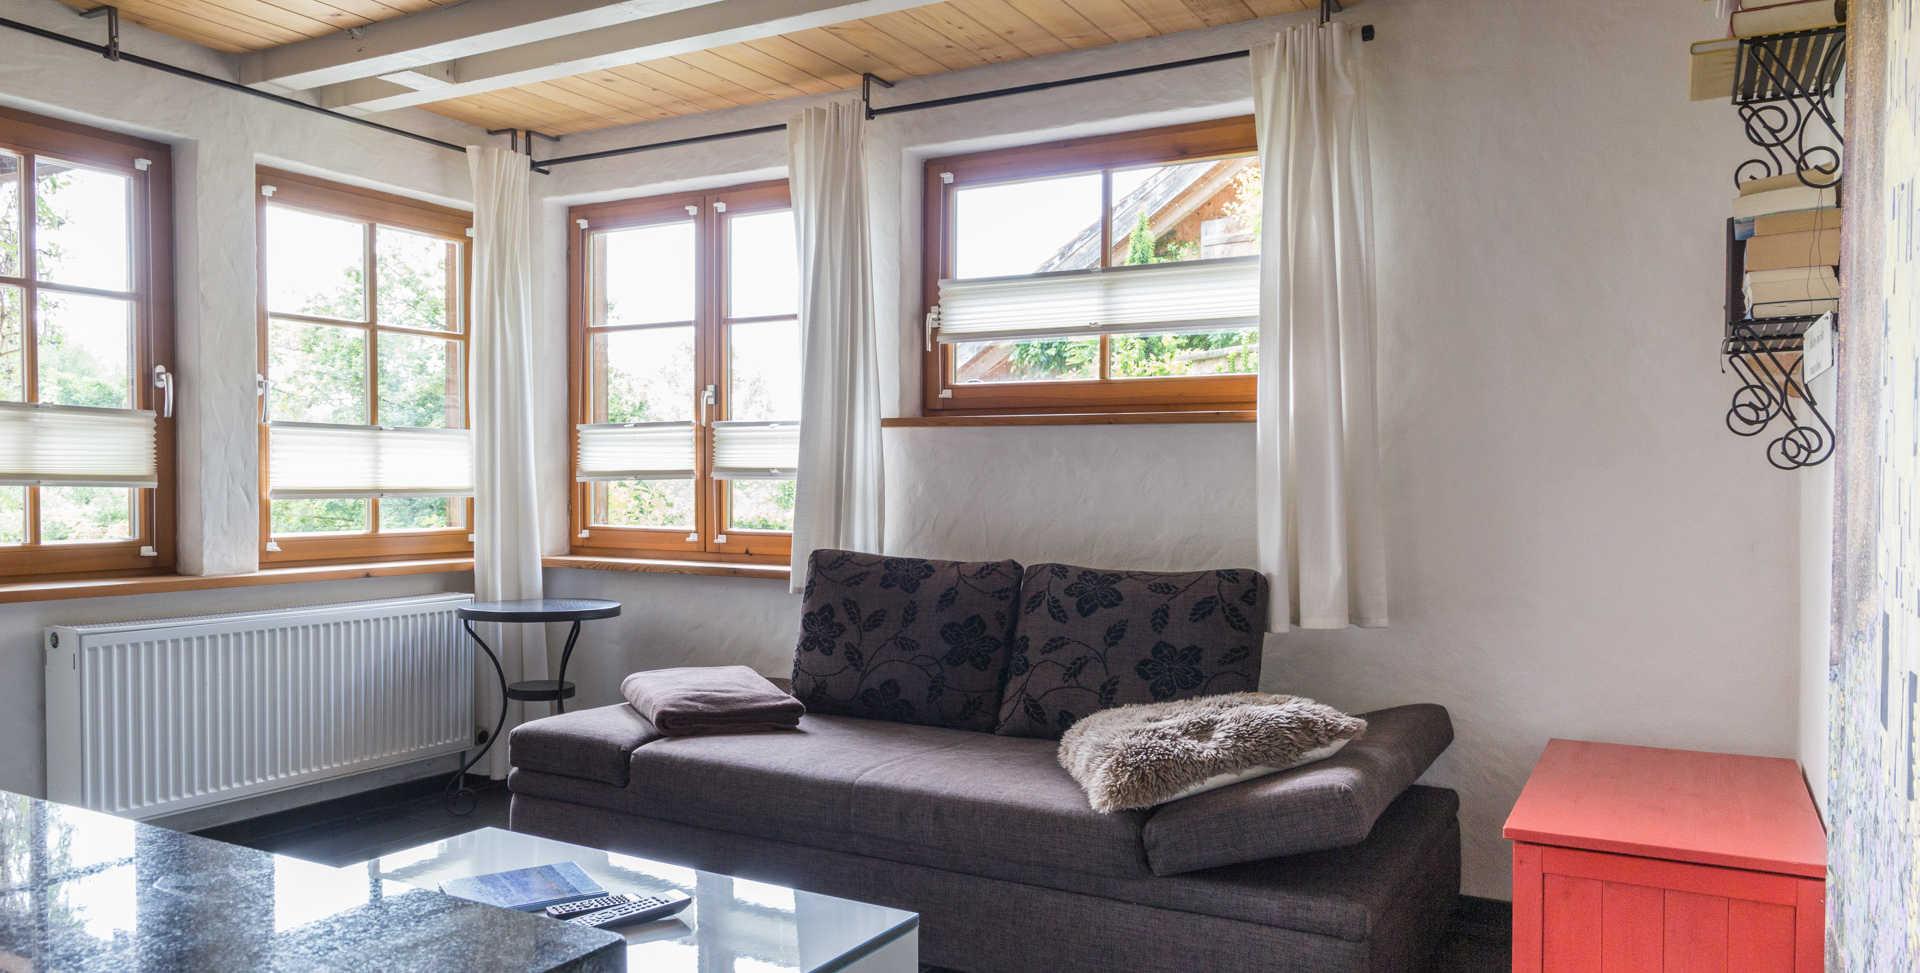 Wohnzimmer Himmelreich - Klaushausen